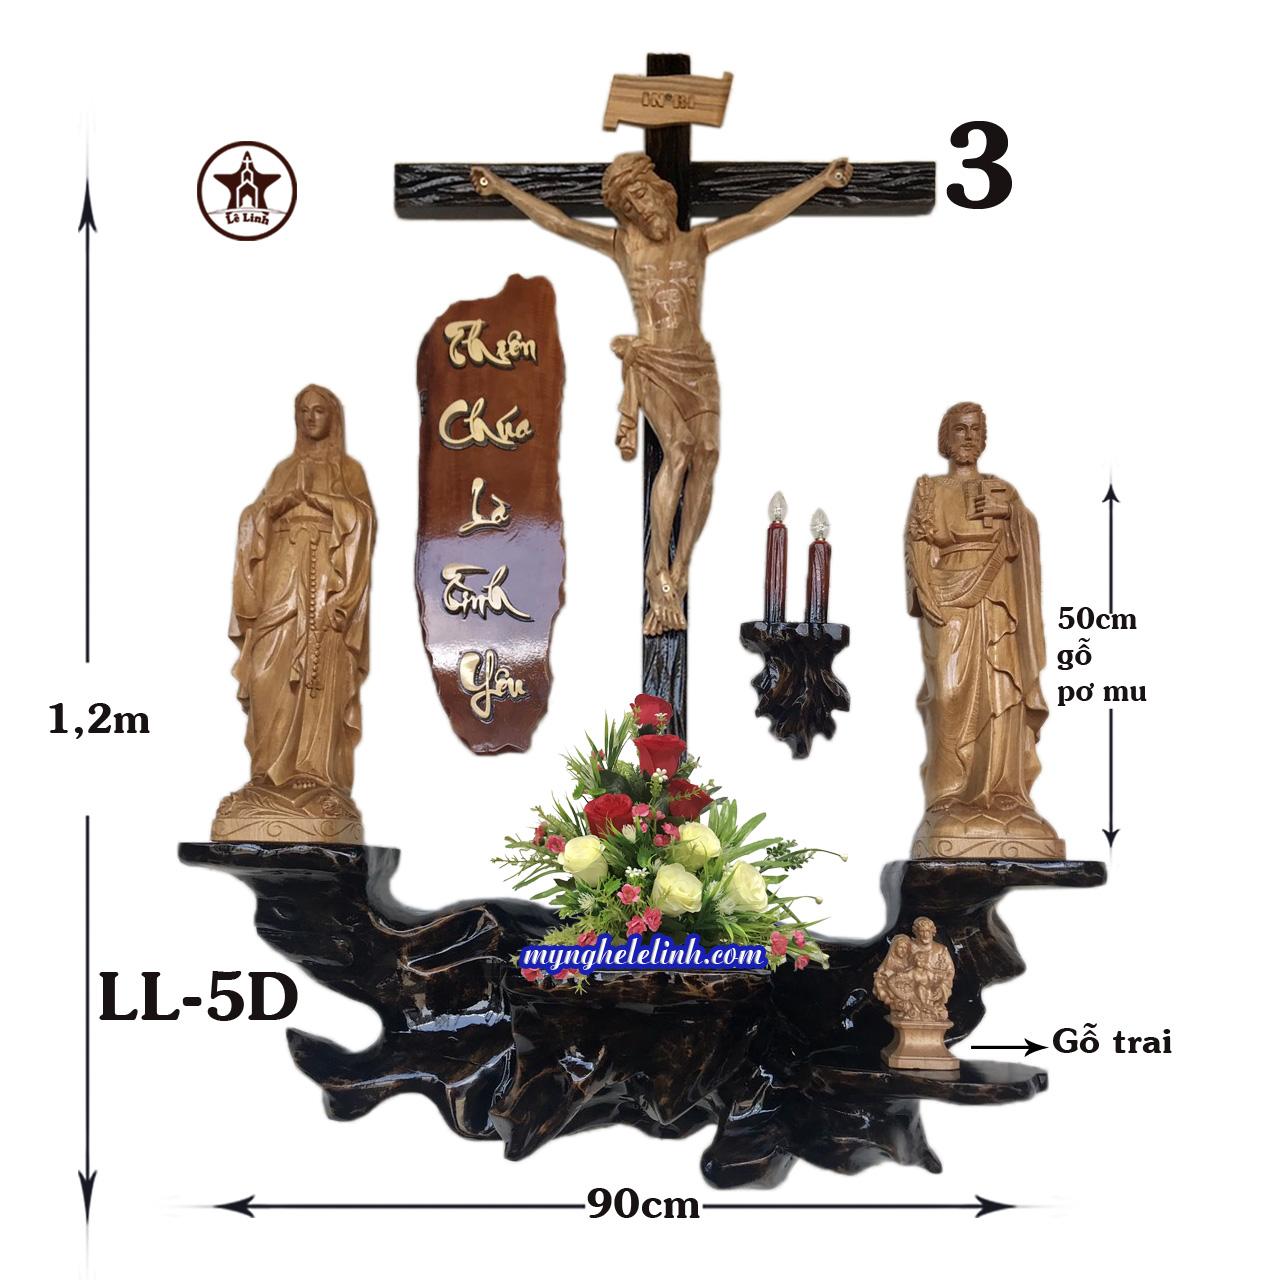 Bàn thờ Công Giáo LL-5D